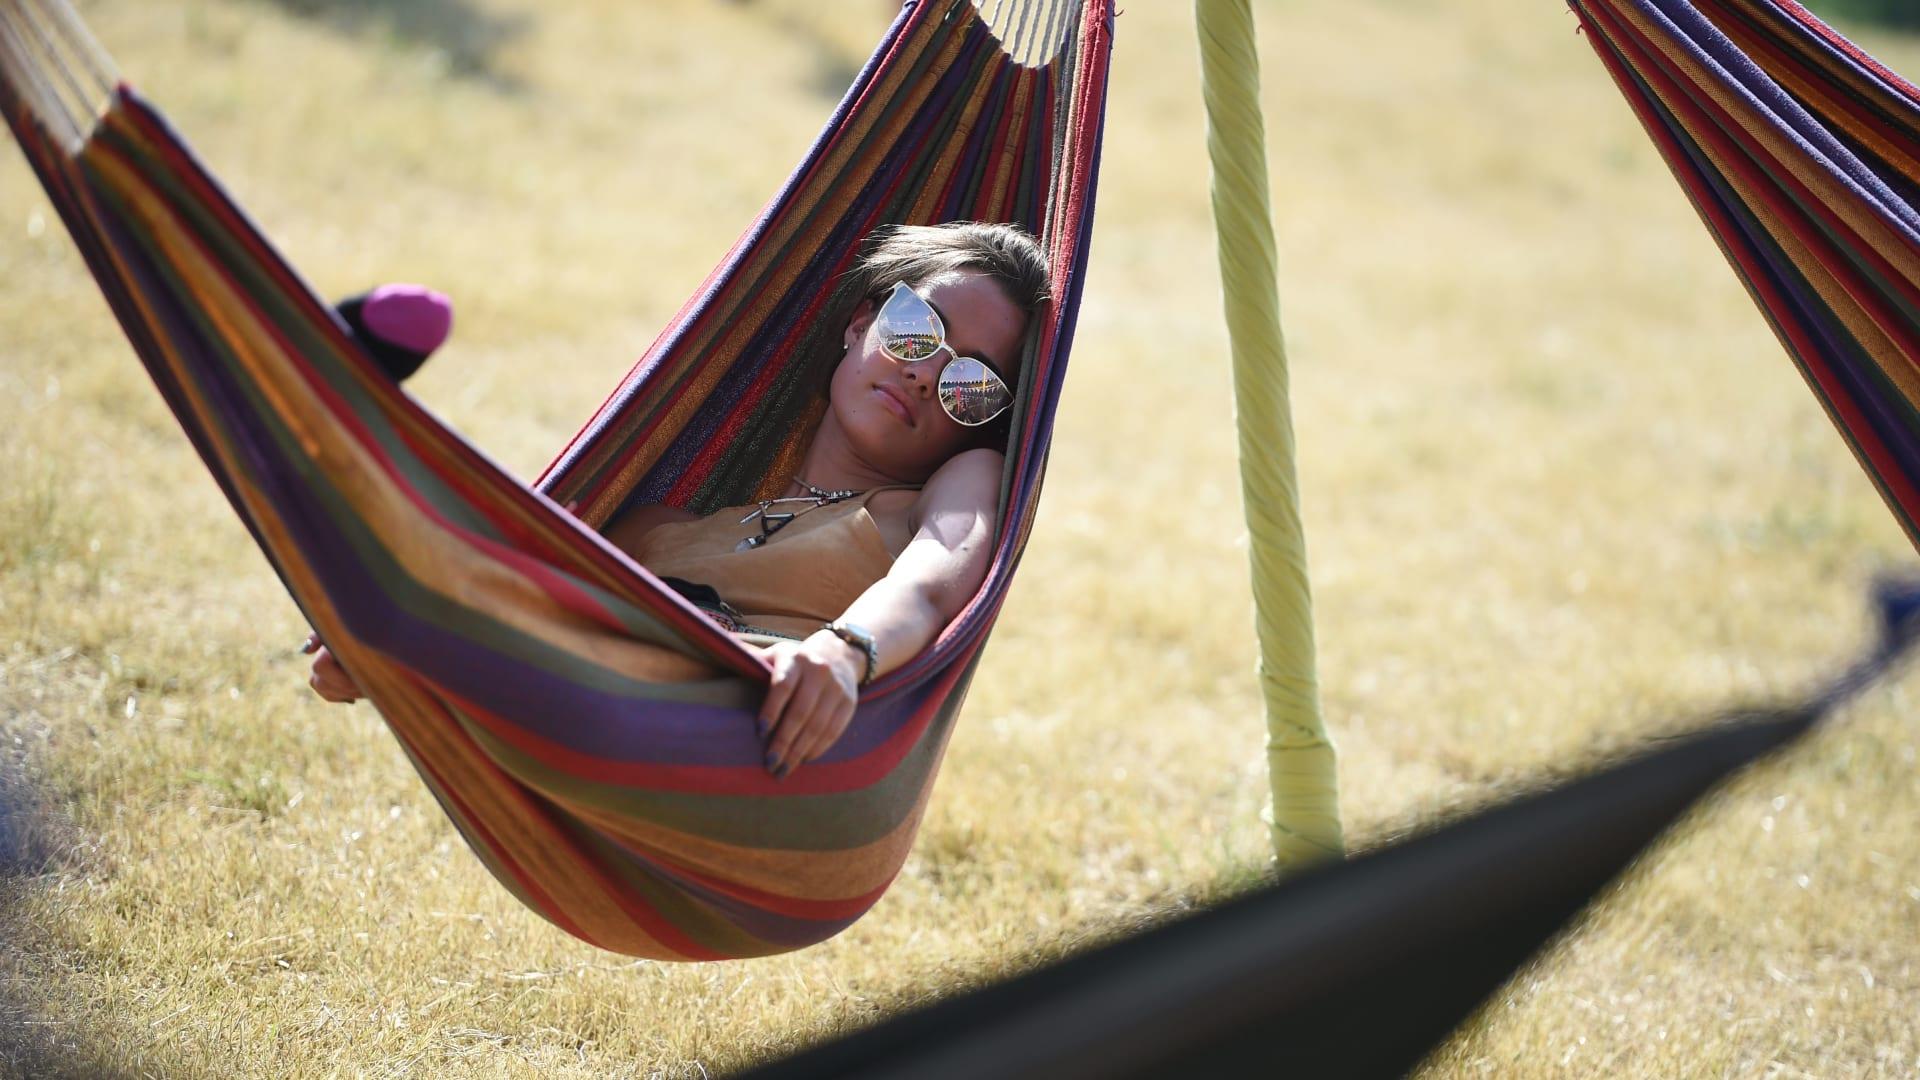 كيف يؤثر النوم على حياتنا اليقظة؟